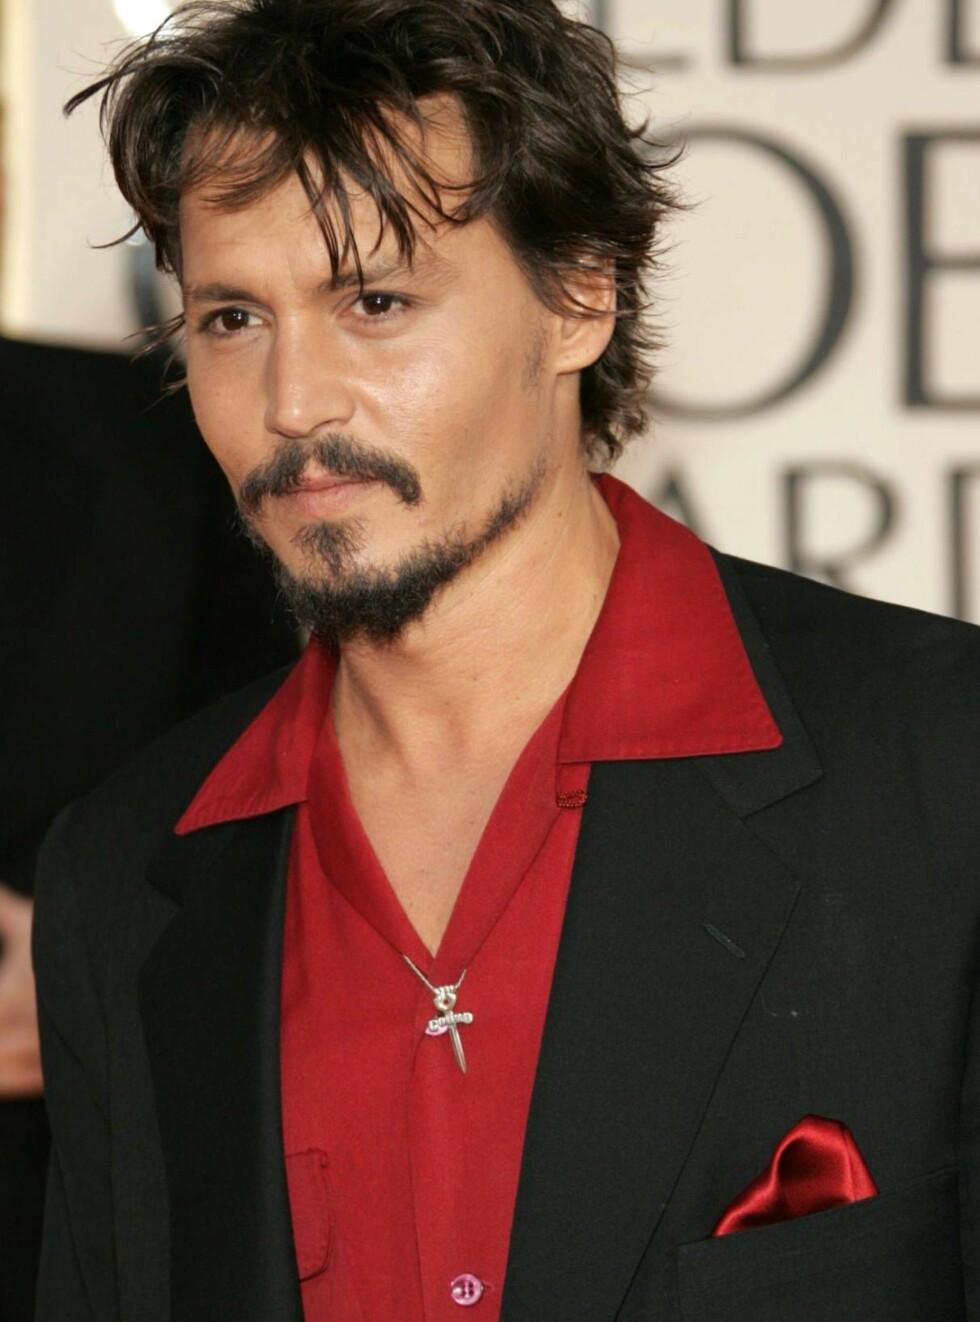 KREATIV: Johnny Depp sjekker blant annet inn som herr Eselpenis. Foto: All Over Press